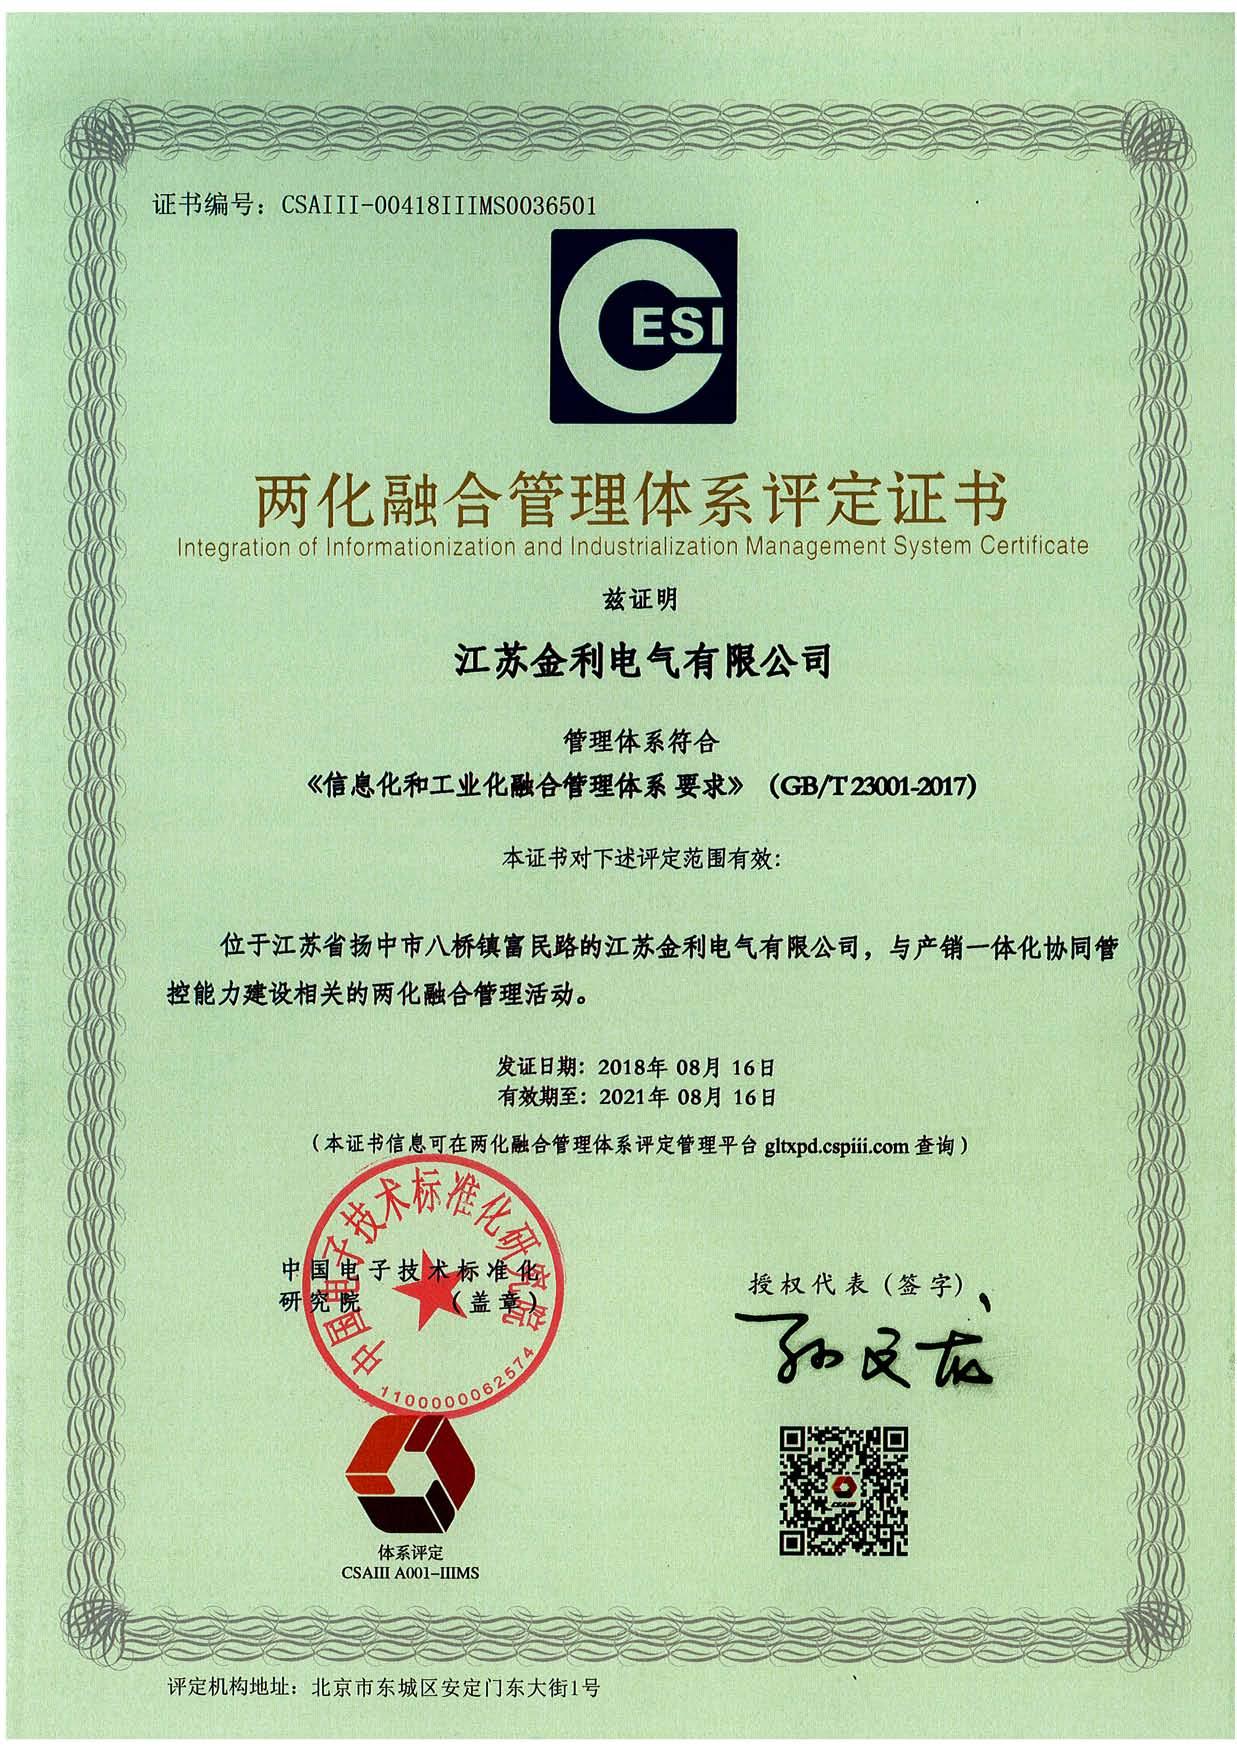 兩化融合管理體系評定證書